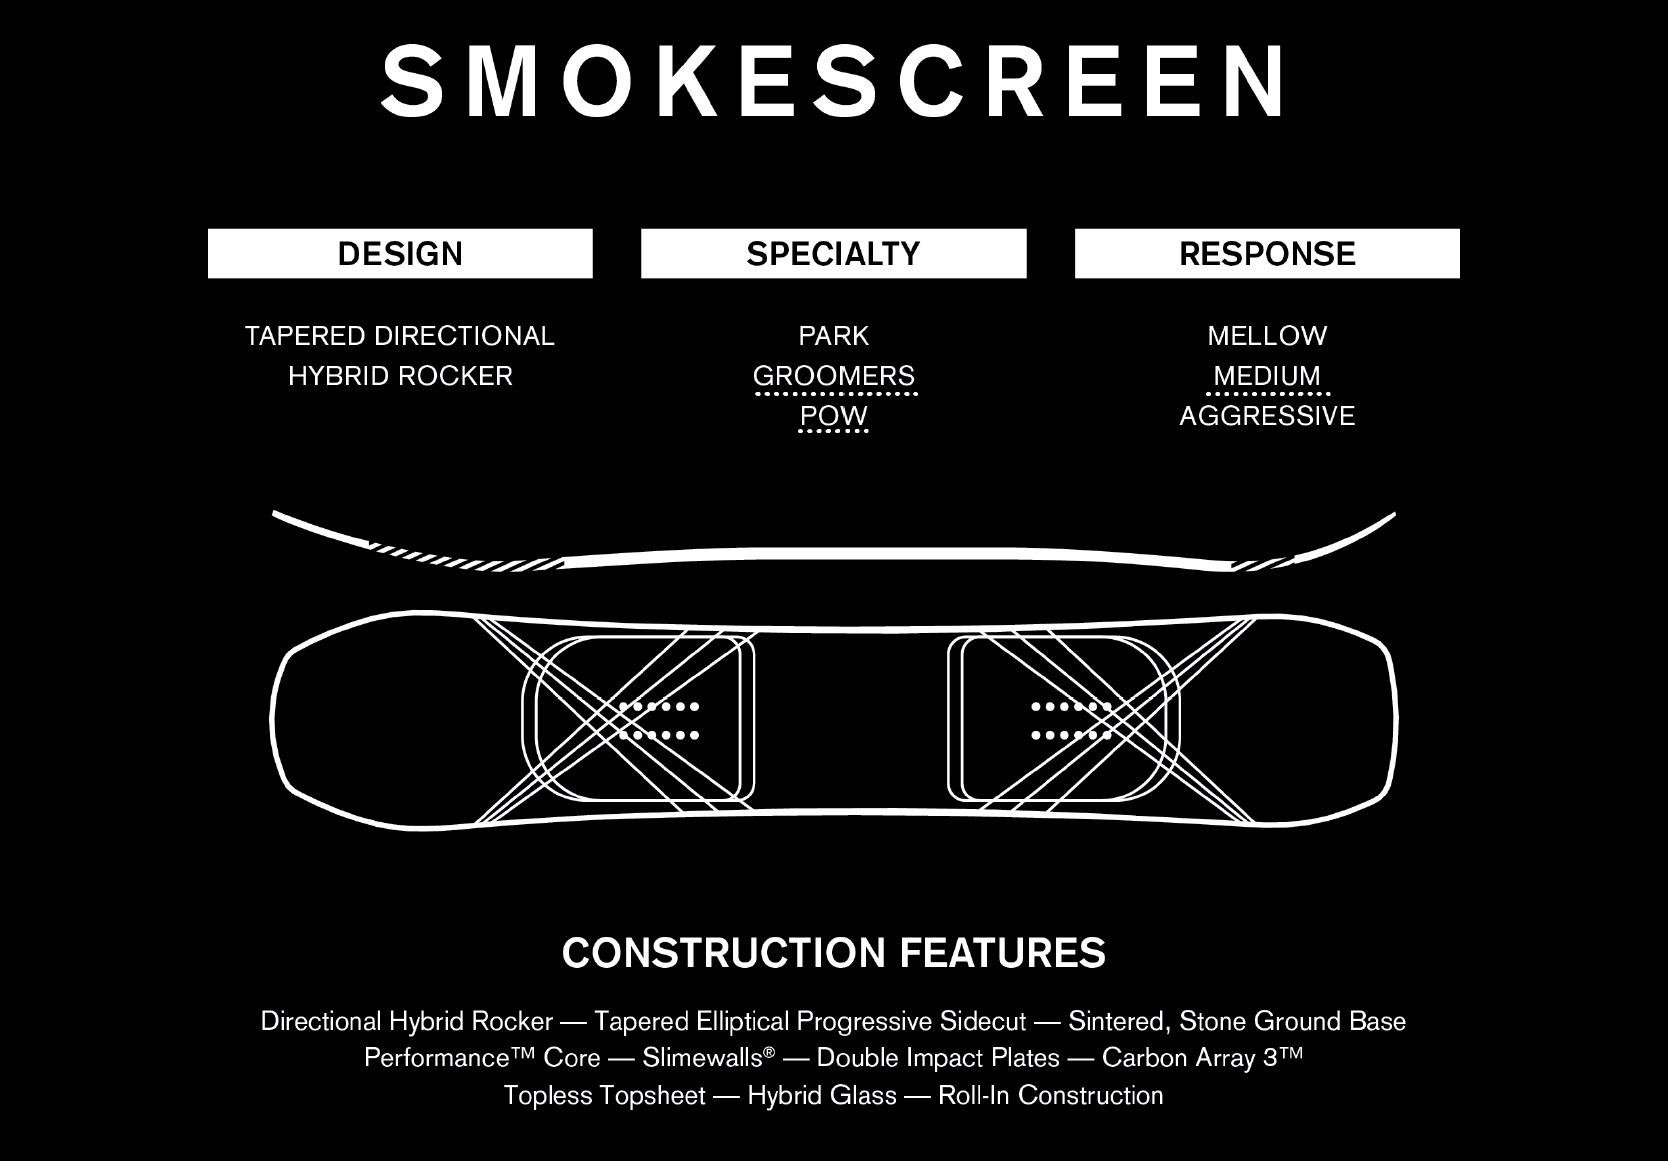 Smokescreen-2022-Ride-Snowboards-All-Mountain-Snowboard